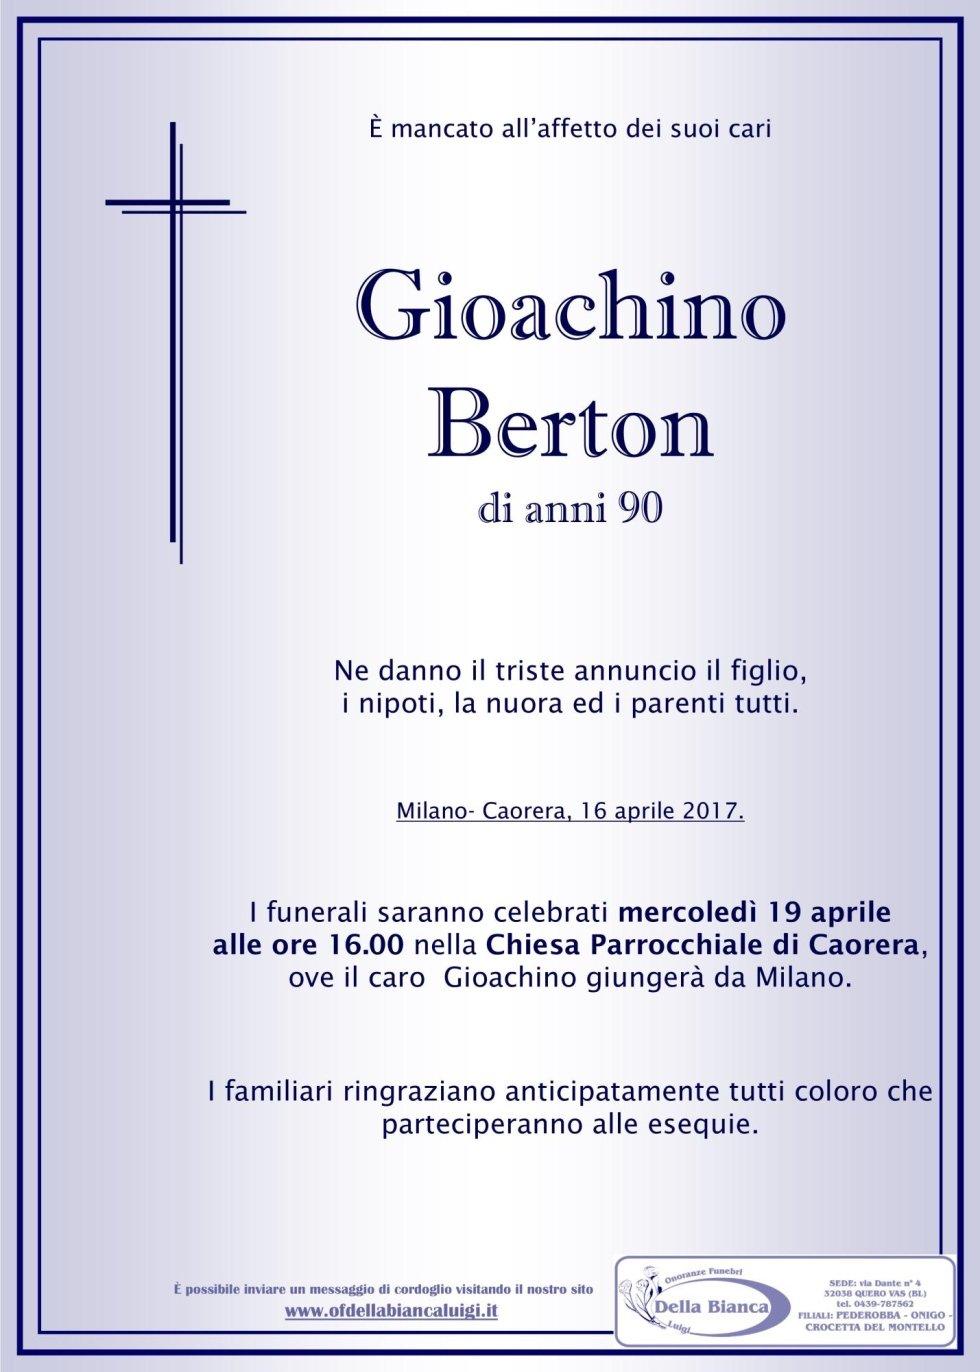 Berton Gioacchino